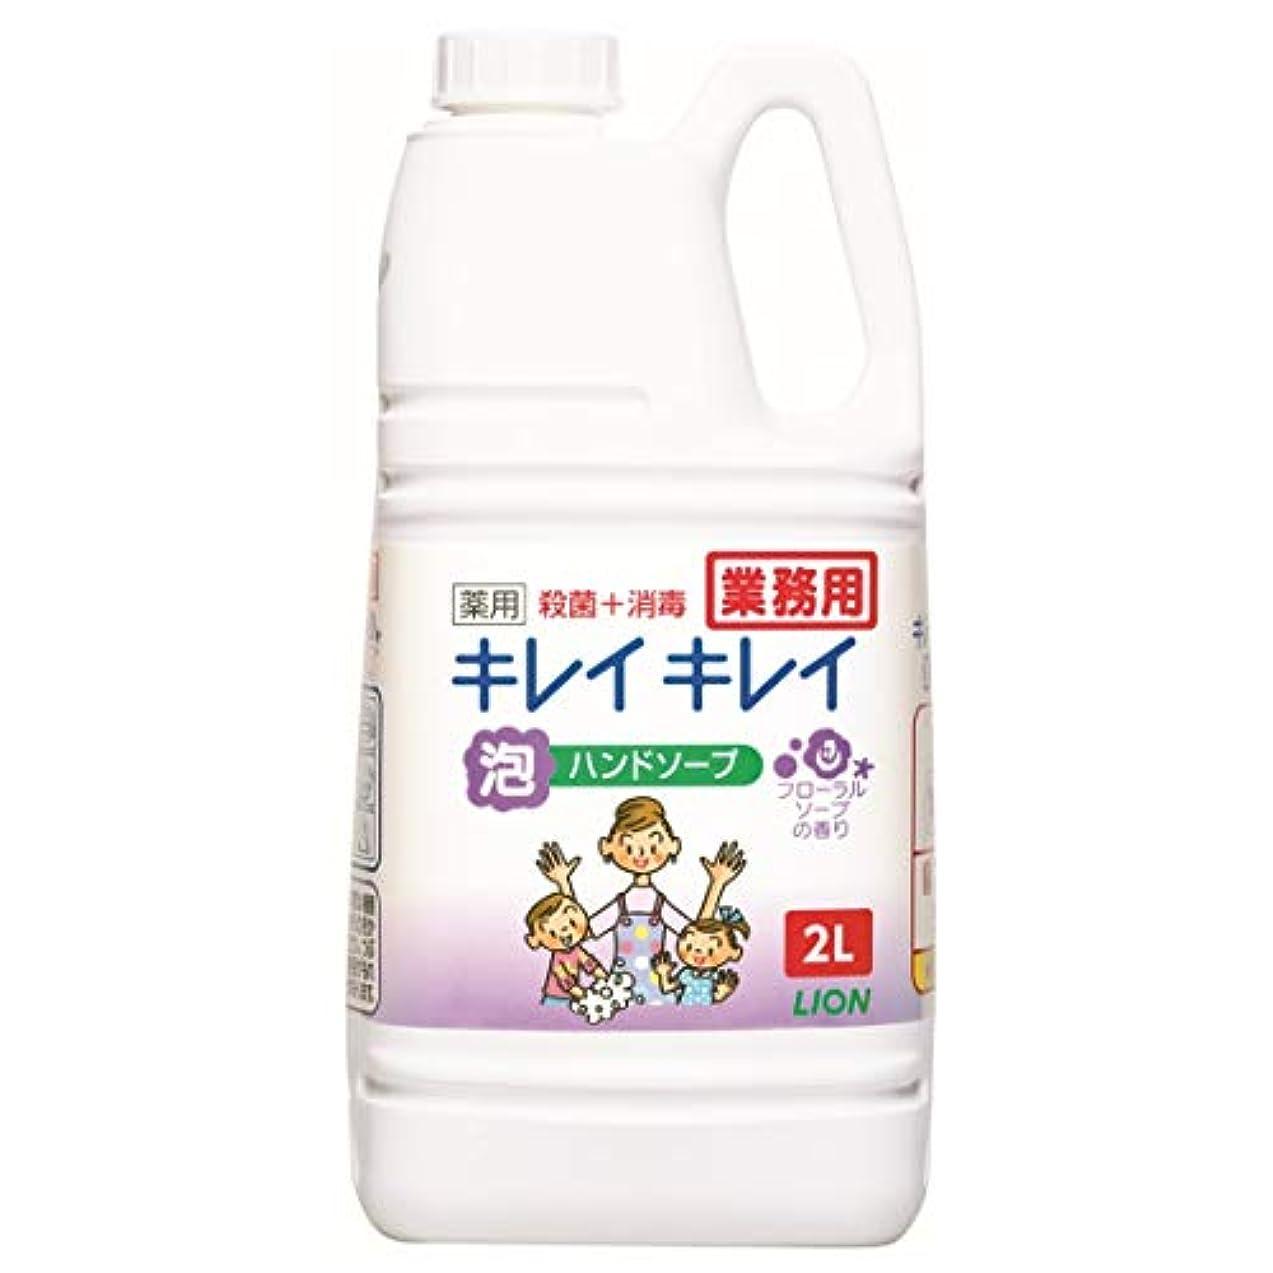 シソーラスマーガレットミッチェルによると【大容量】キレイキレイ 薬用泡ハンドソープ フローラルソープの香り 2L